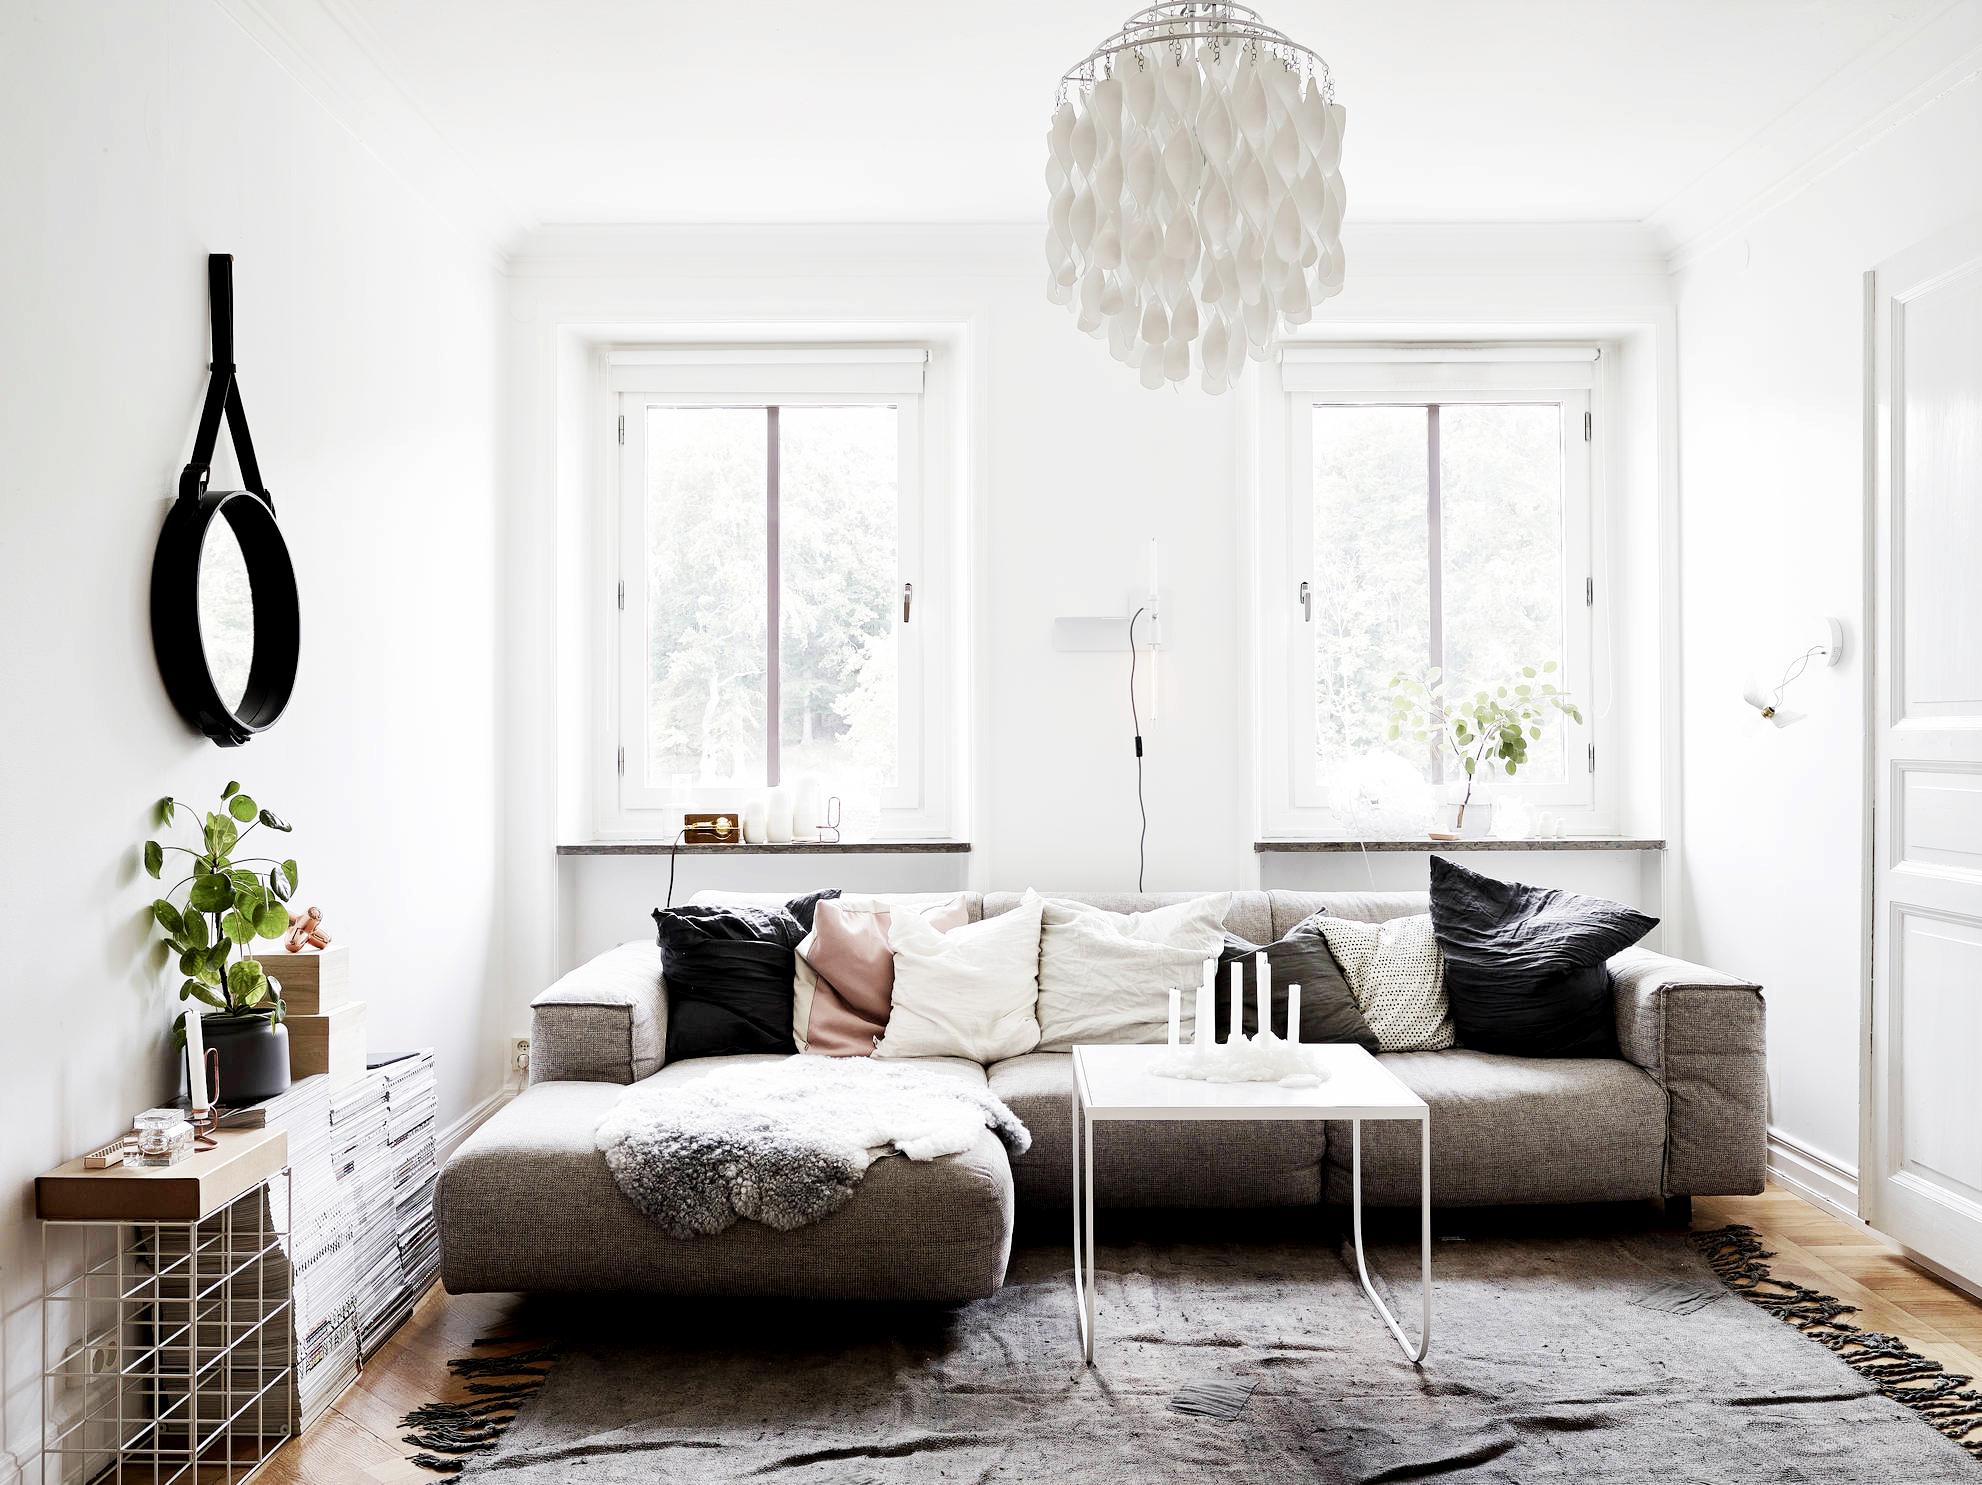 Jelanie blog - Small Scandinavian home - living room